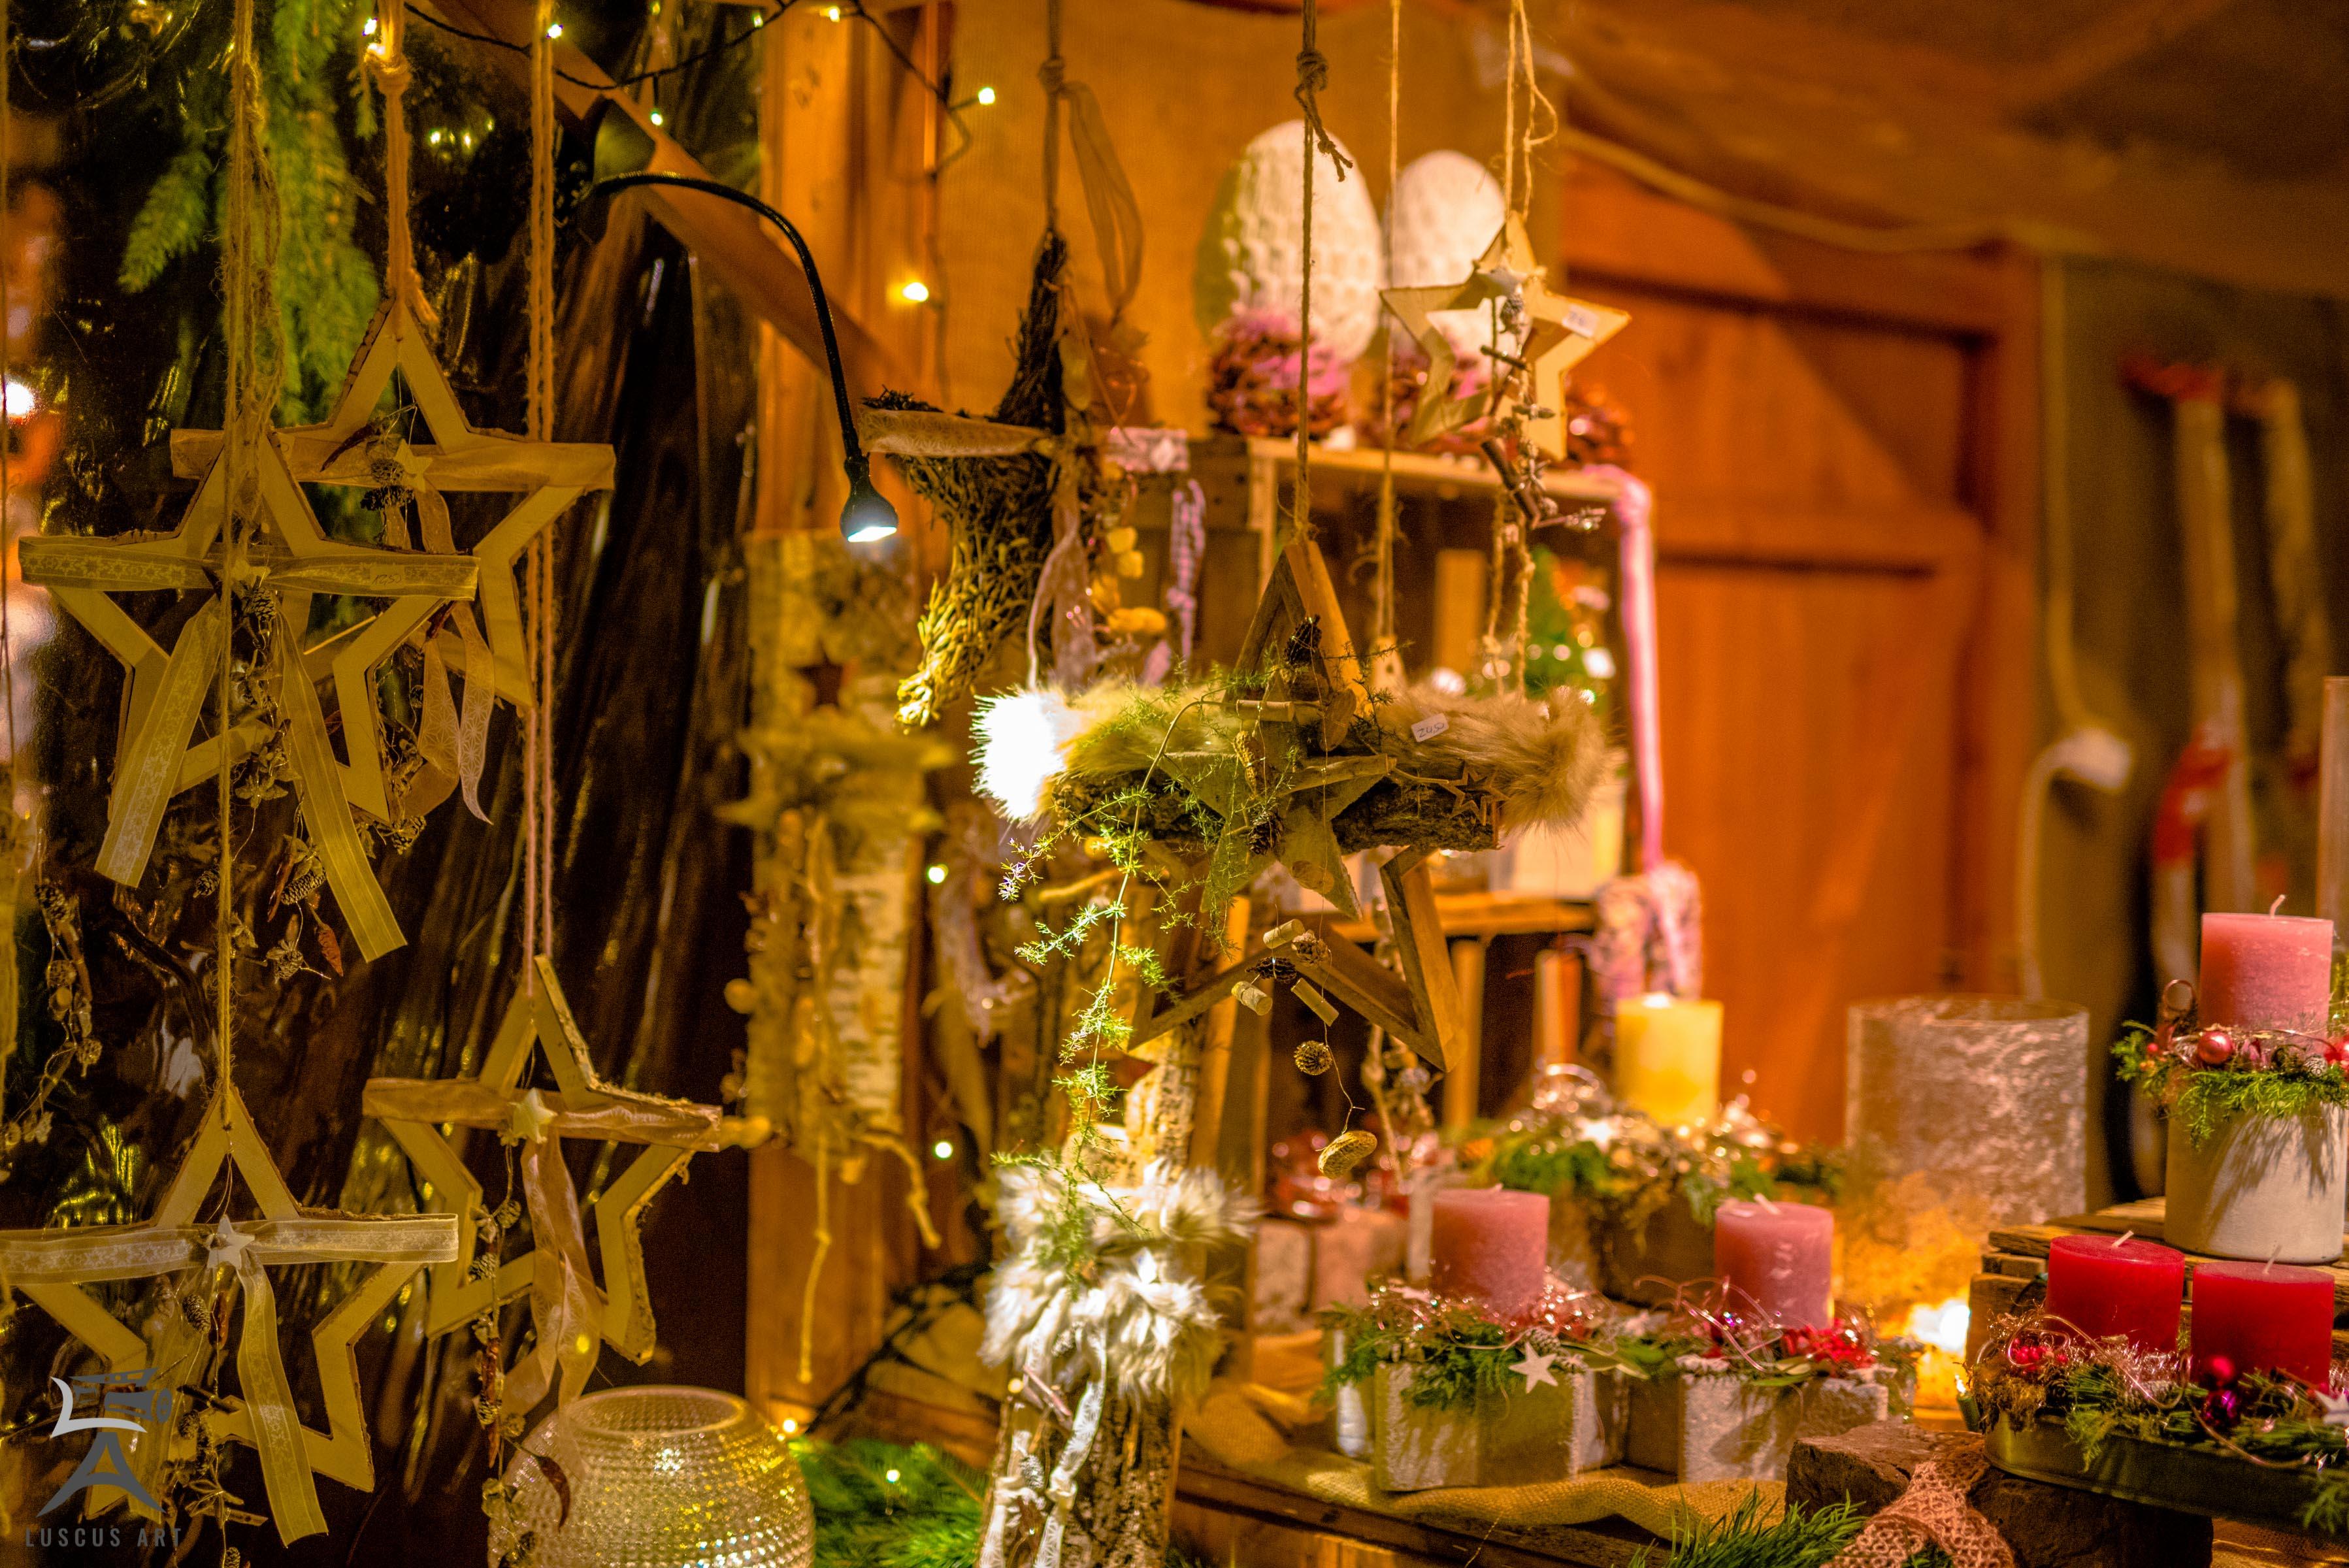 Weihnachtsmarkt Schloss Merode.Weihnachtsmarkt Auf Schloss Merode Luscus Art Fotoblog